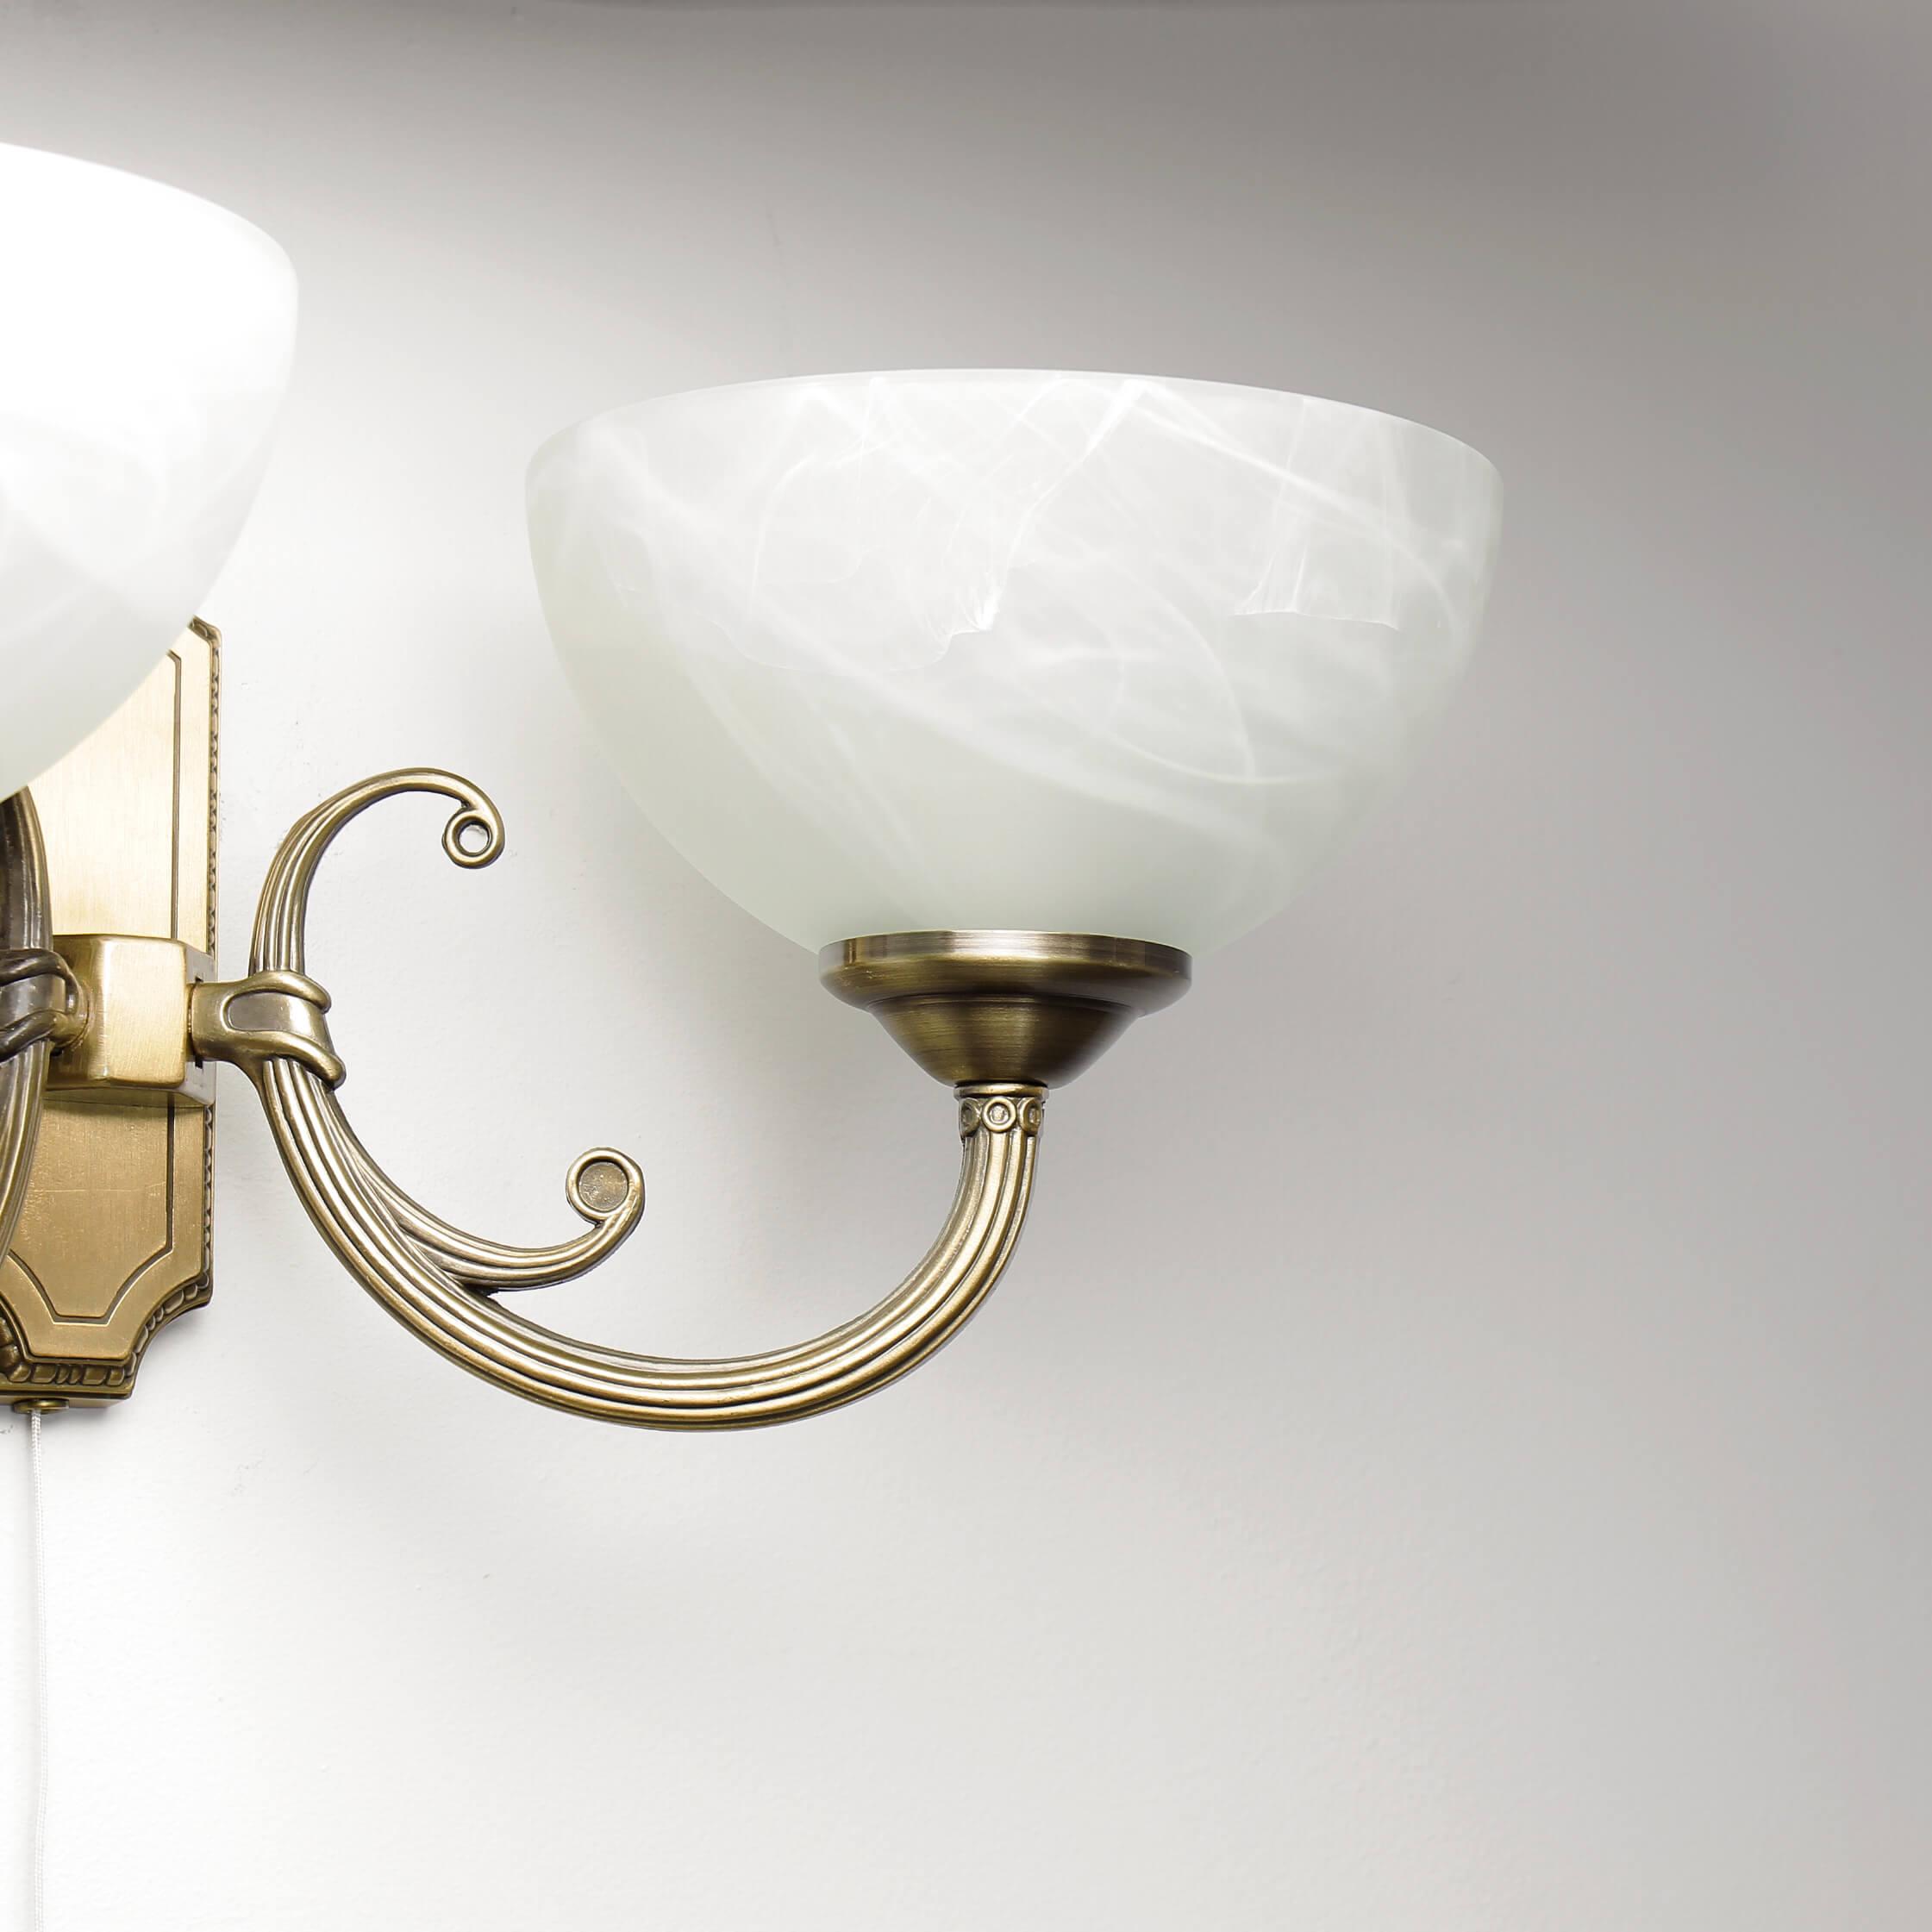 Edle Wandleuchte Landhaus Stil in Bronze Alabaster Glas Wohnzimmer Flur Lampe   eBay